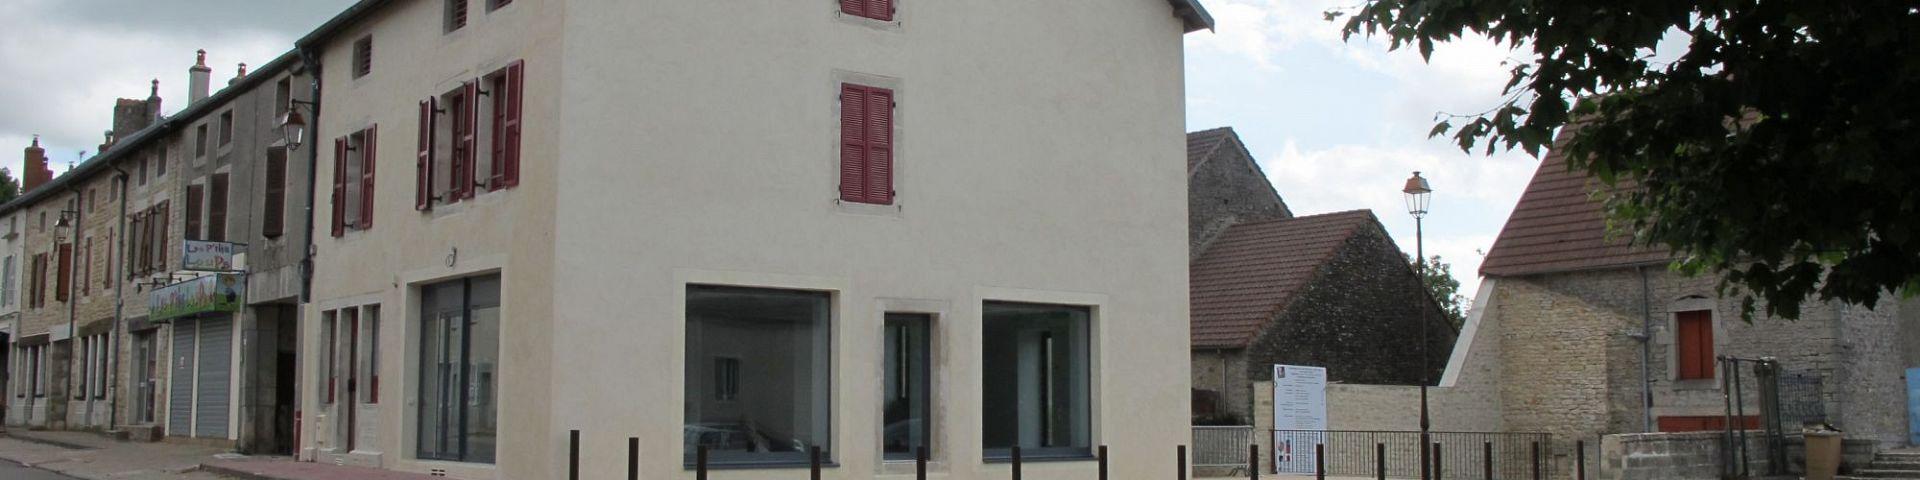 Sombernon - Bâtiment communal (21)